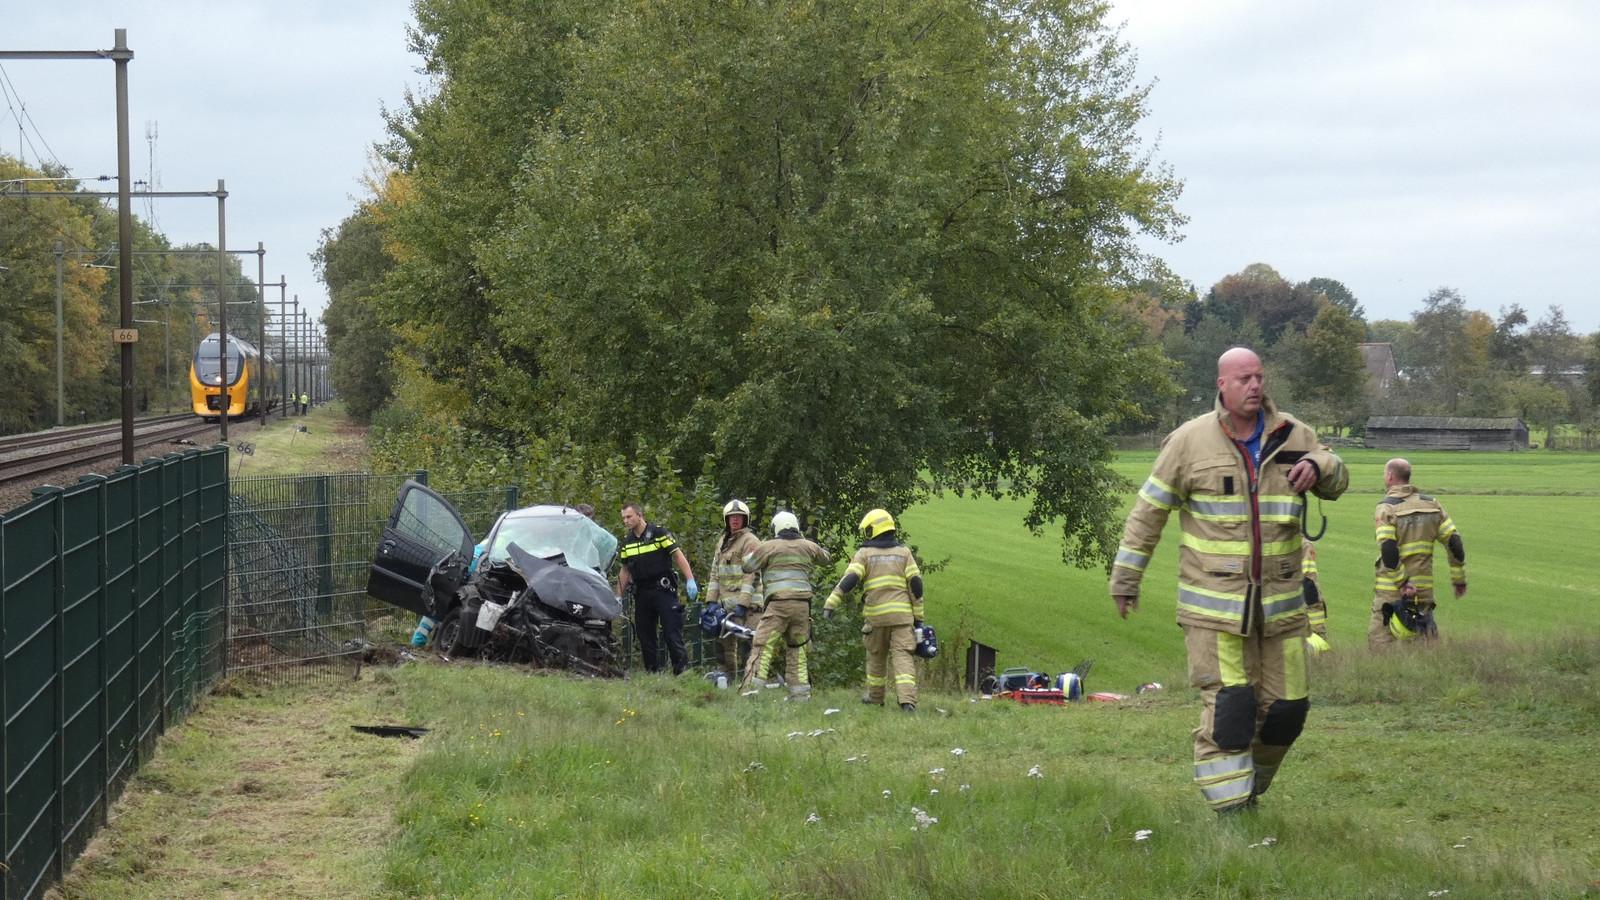 Een auto is maandagochtend bij Renswoude aangereden door een trein.